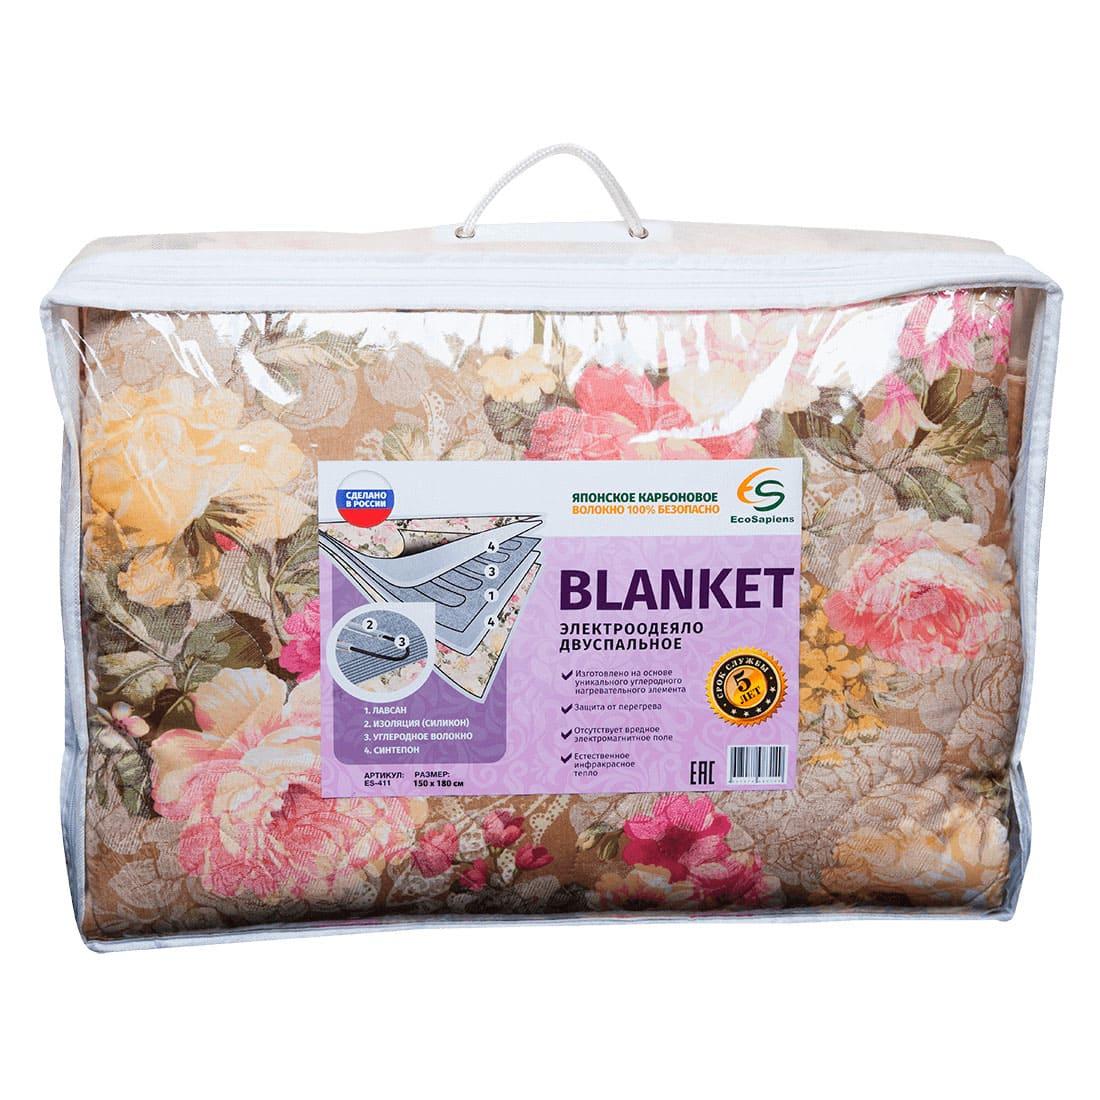 (СП) Blanket электроодеяло (150 * 180 см); упаковка - сумка